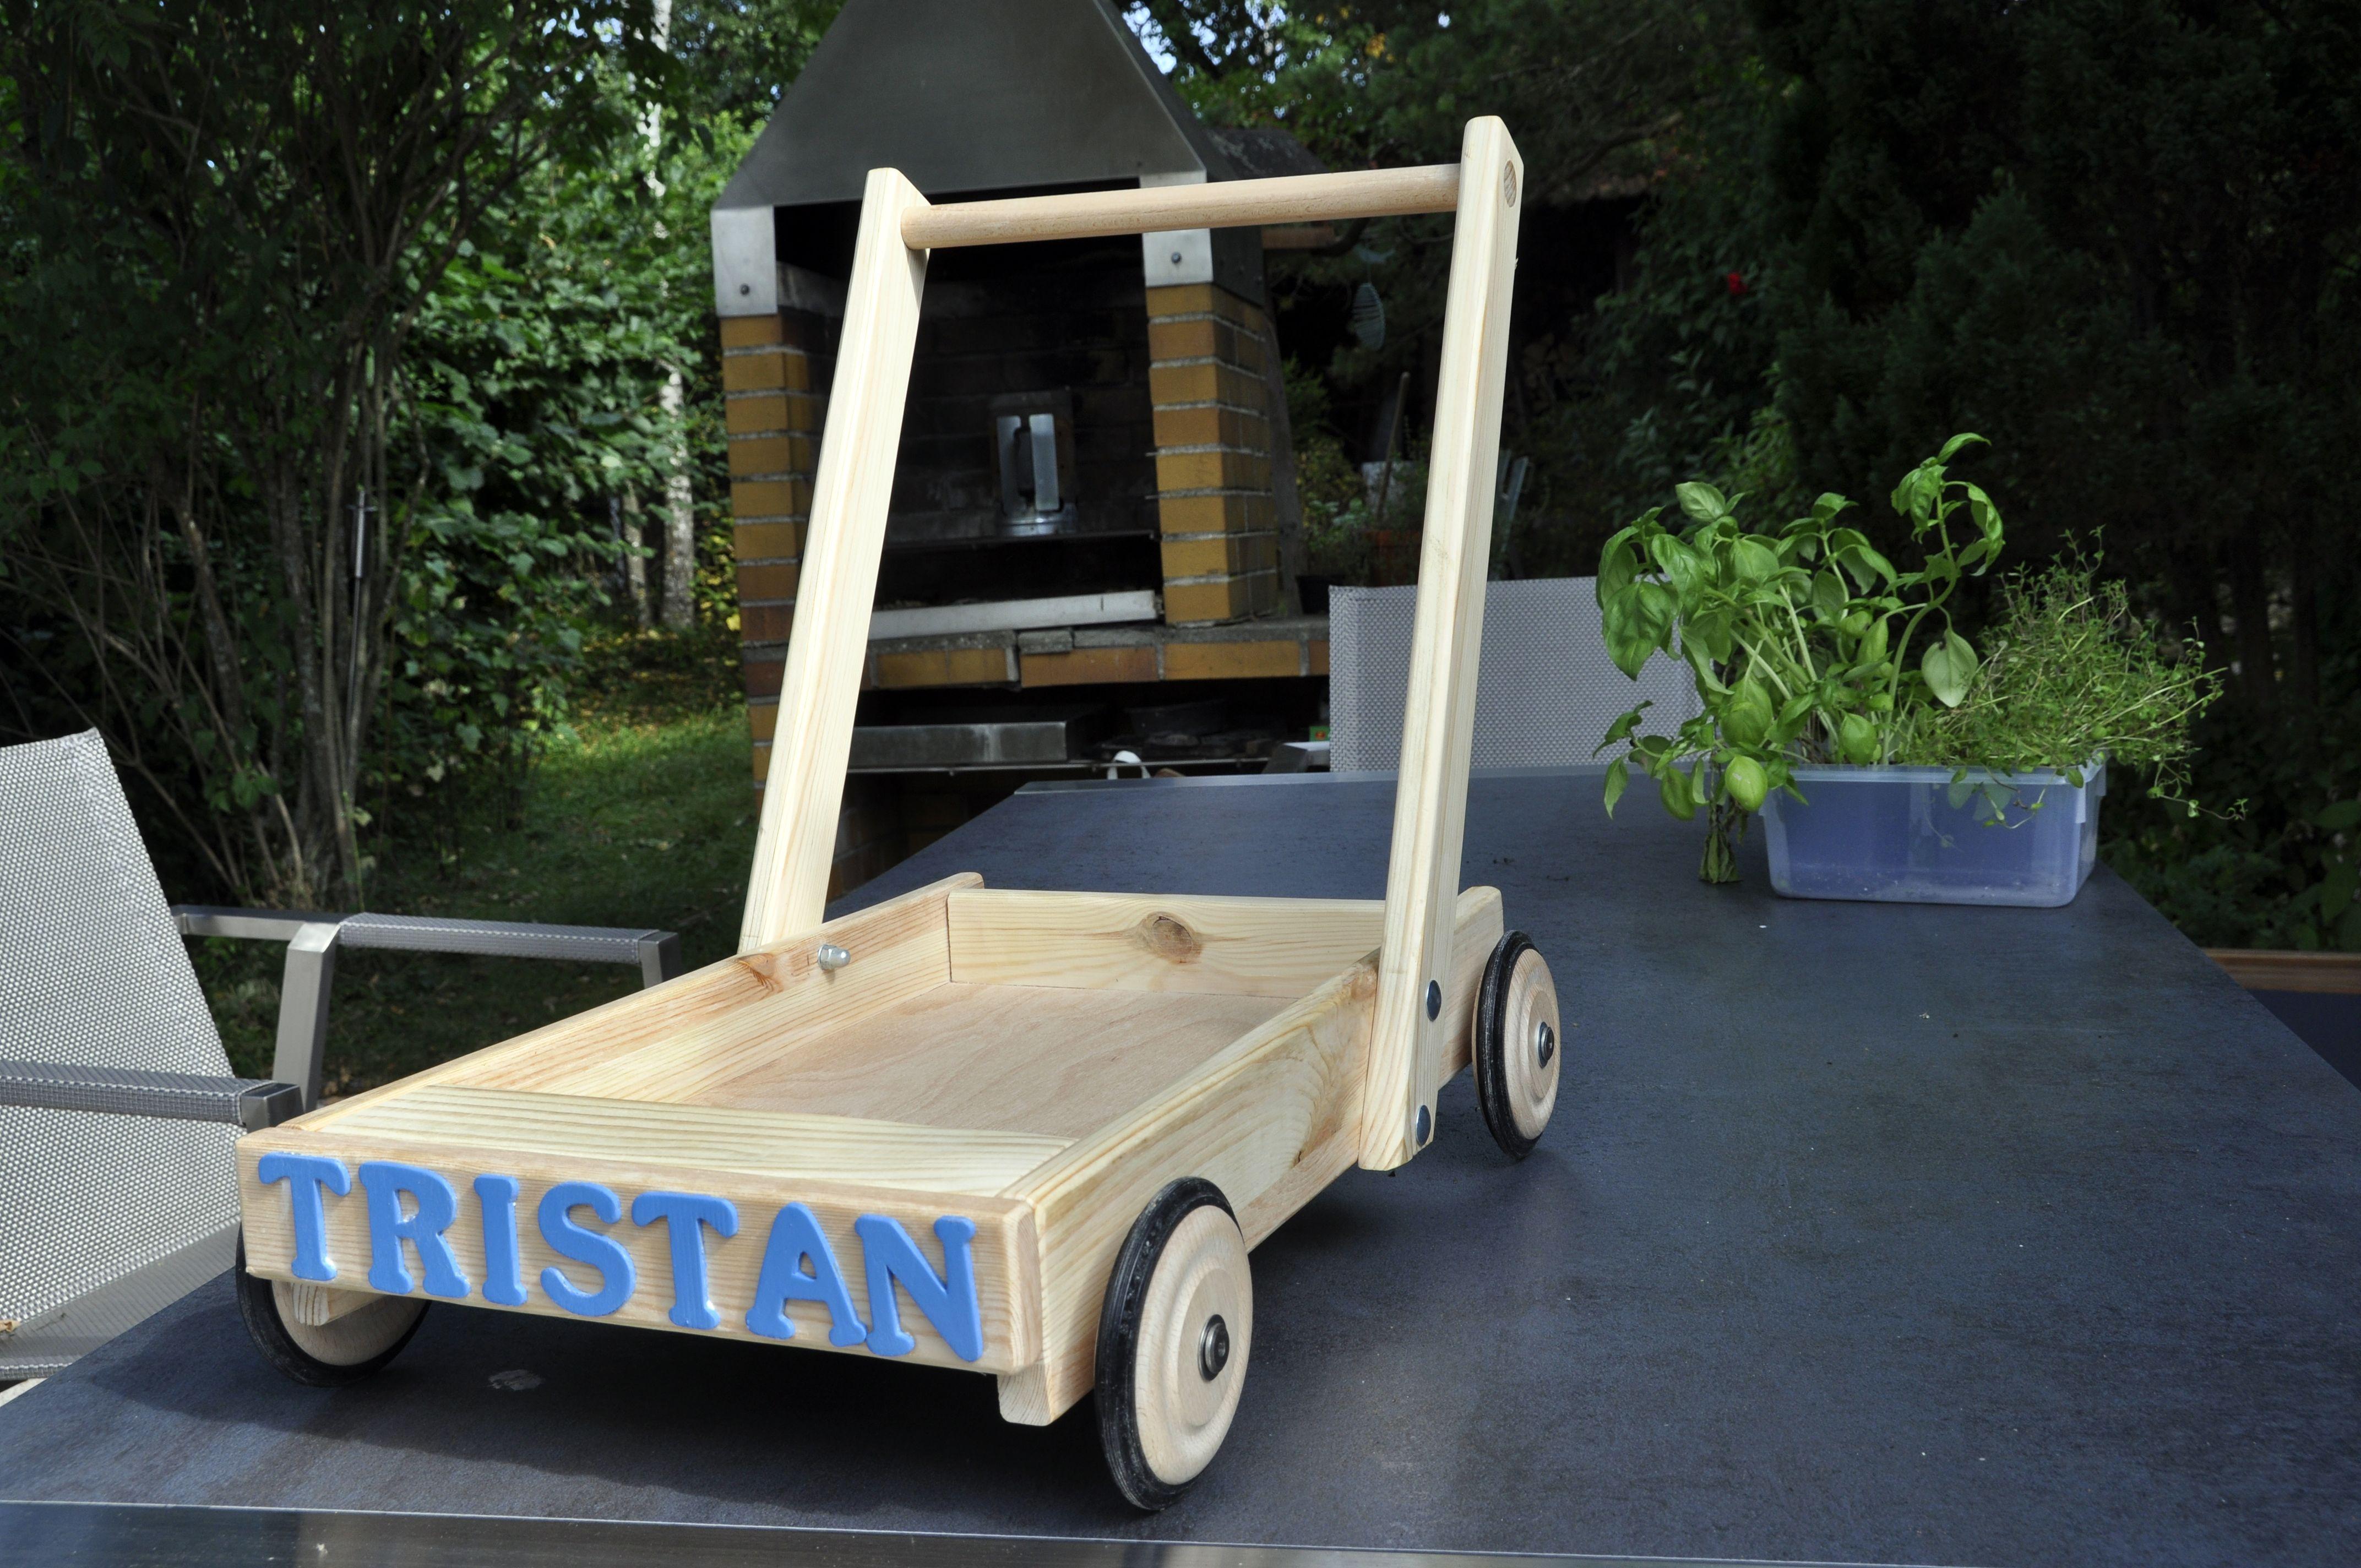 lauflernwagen bauanleitung zum selber bauen heimwerker forum holzspielzeug pinterest. Black Bedroom Furniture Sets. Home Design Ideas